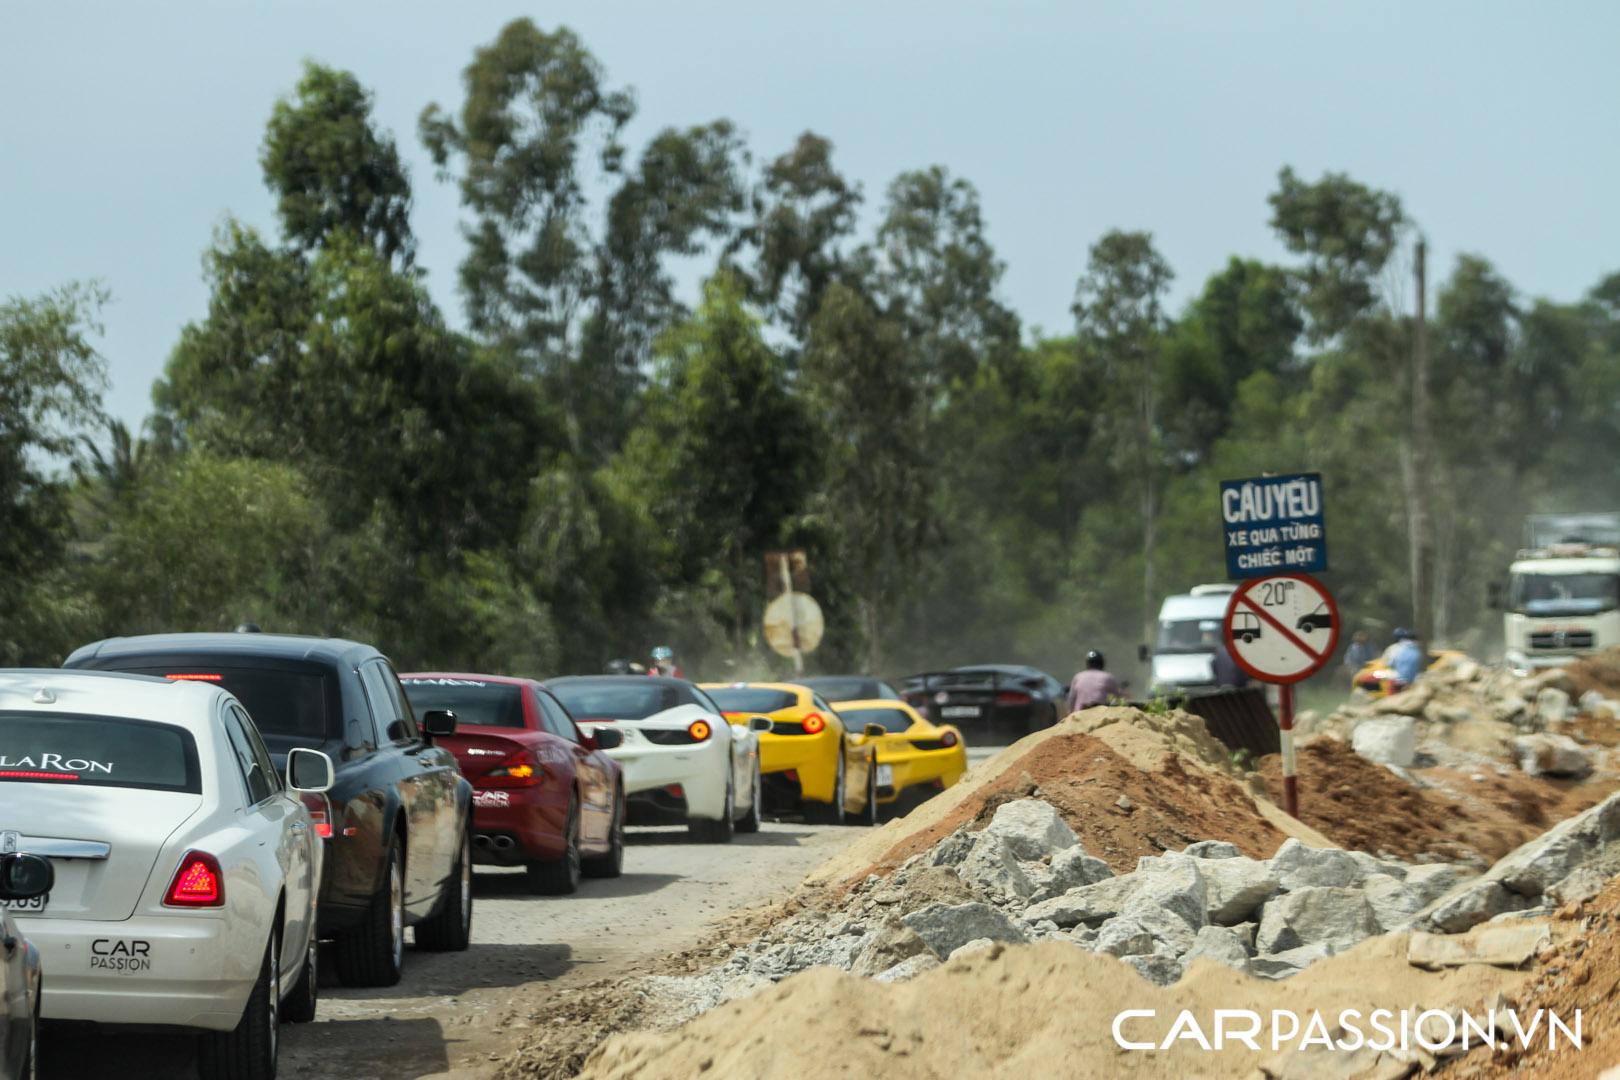 CP-Hành trình siêu xe CarPassion 2011 Day 4 (92).jpg